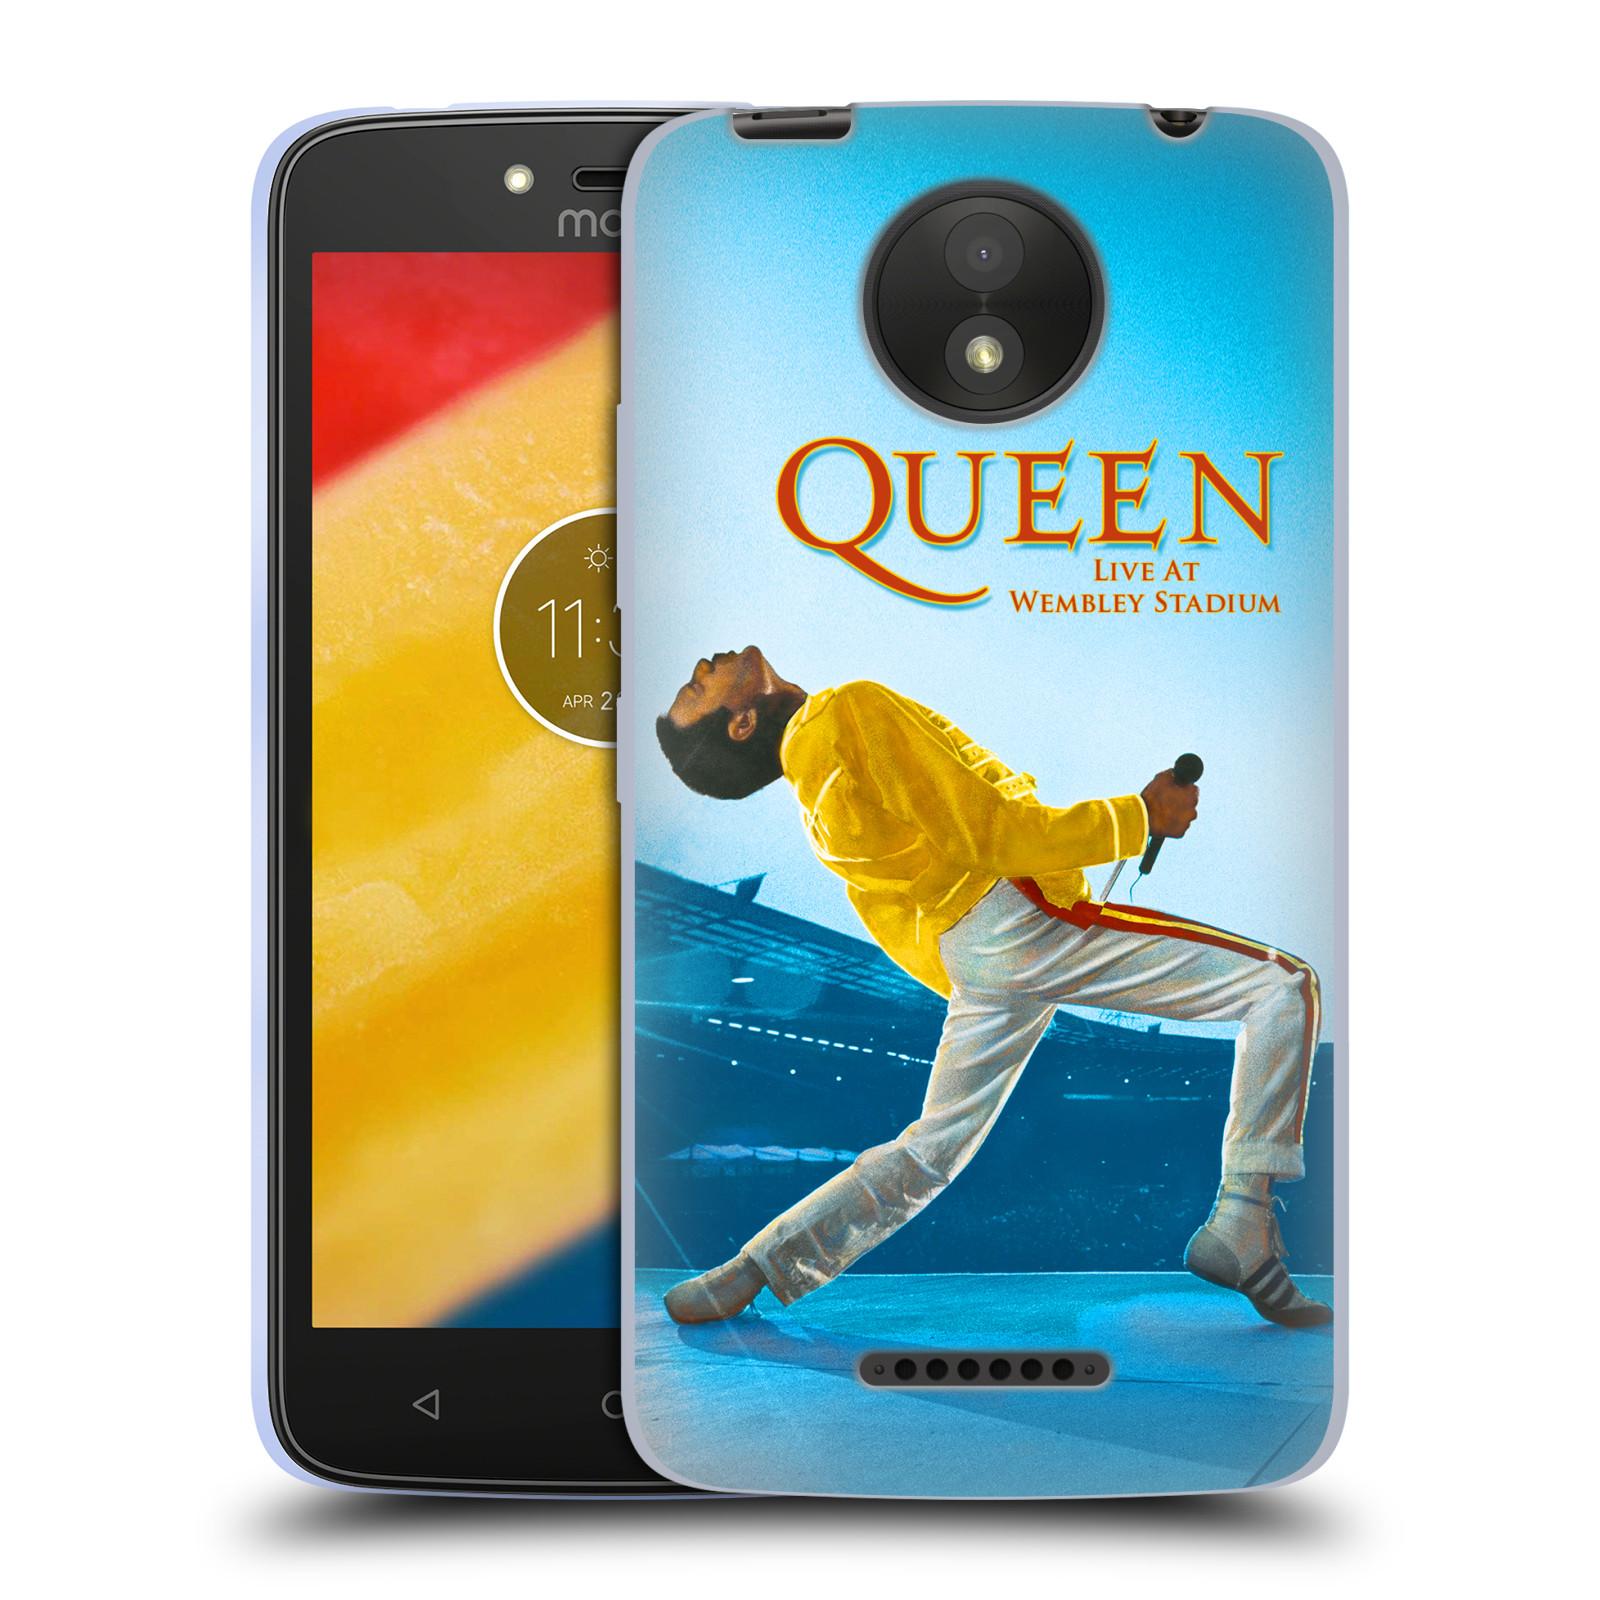 Silikonové pouzdro na mobil Lenovo Moto C Plus - Head Case - Queen - Freddie Mercury